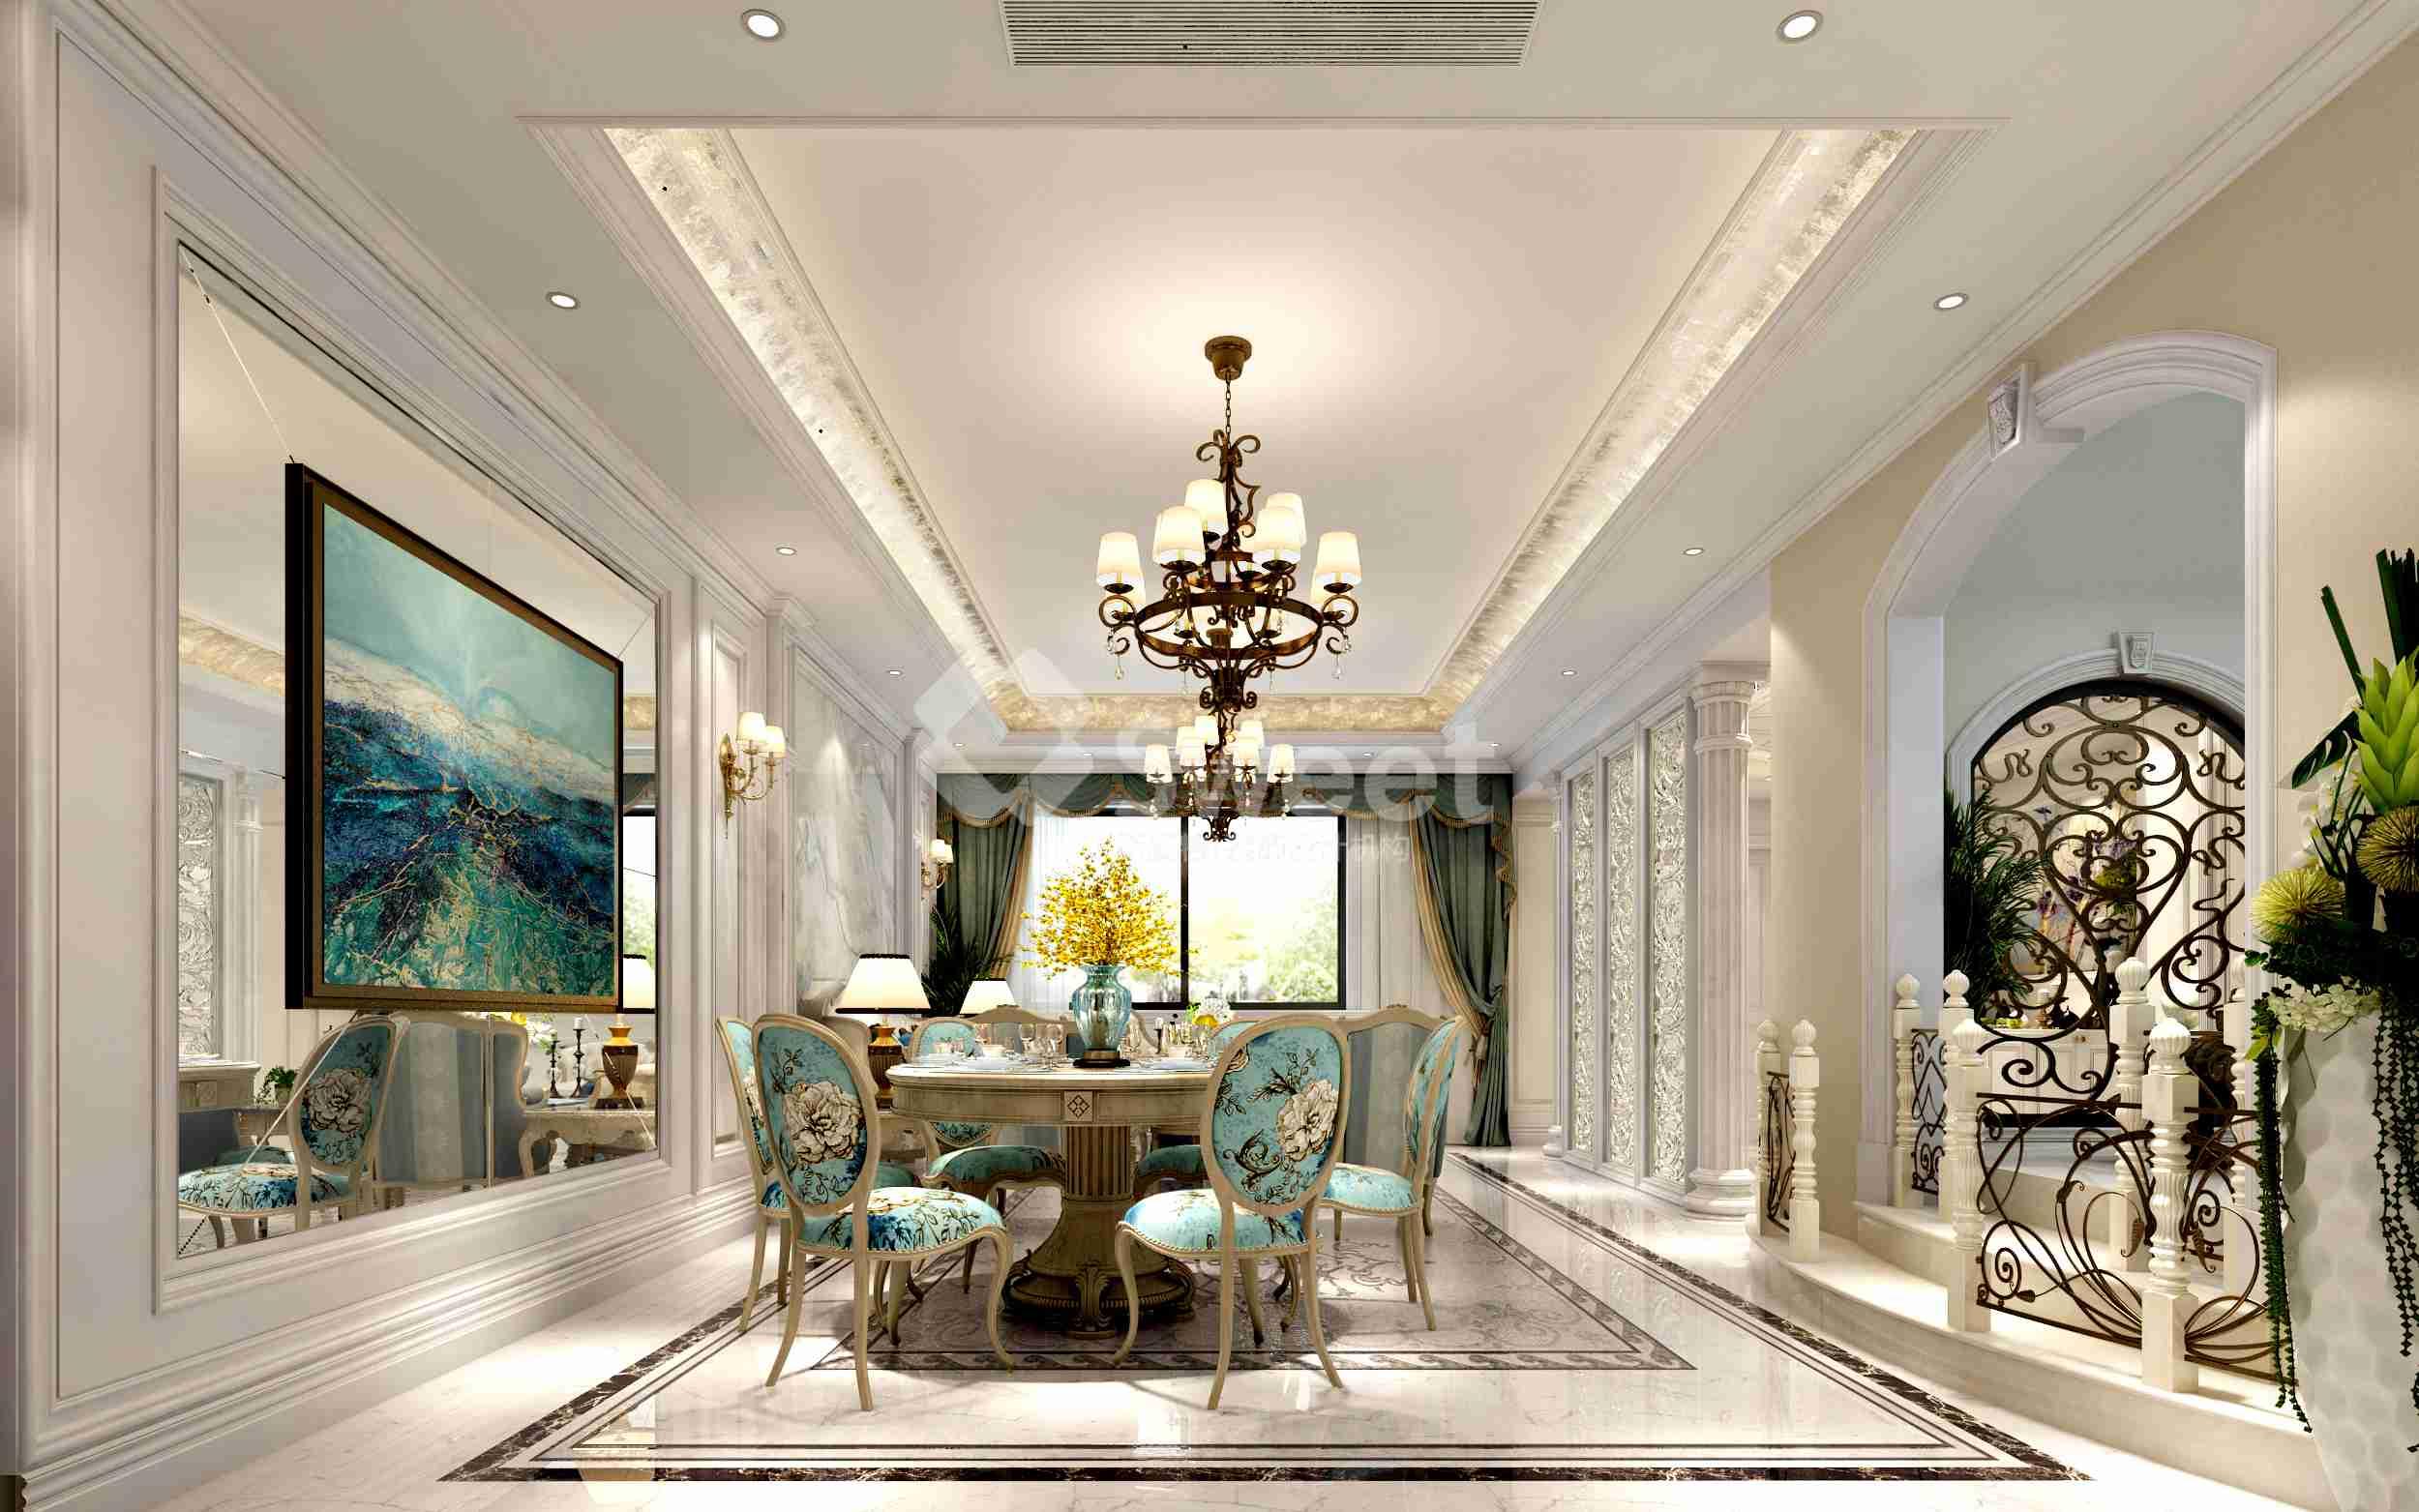 大面积的珠光白漆饰面增加了空间的温婉之气,极富心思的家具配饰,隐约的显露了她的内在美。